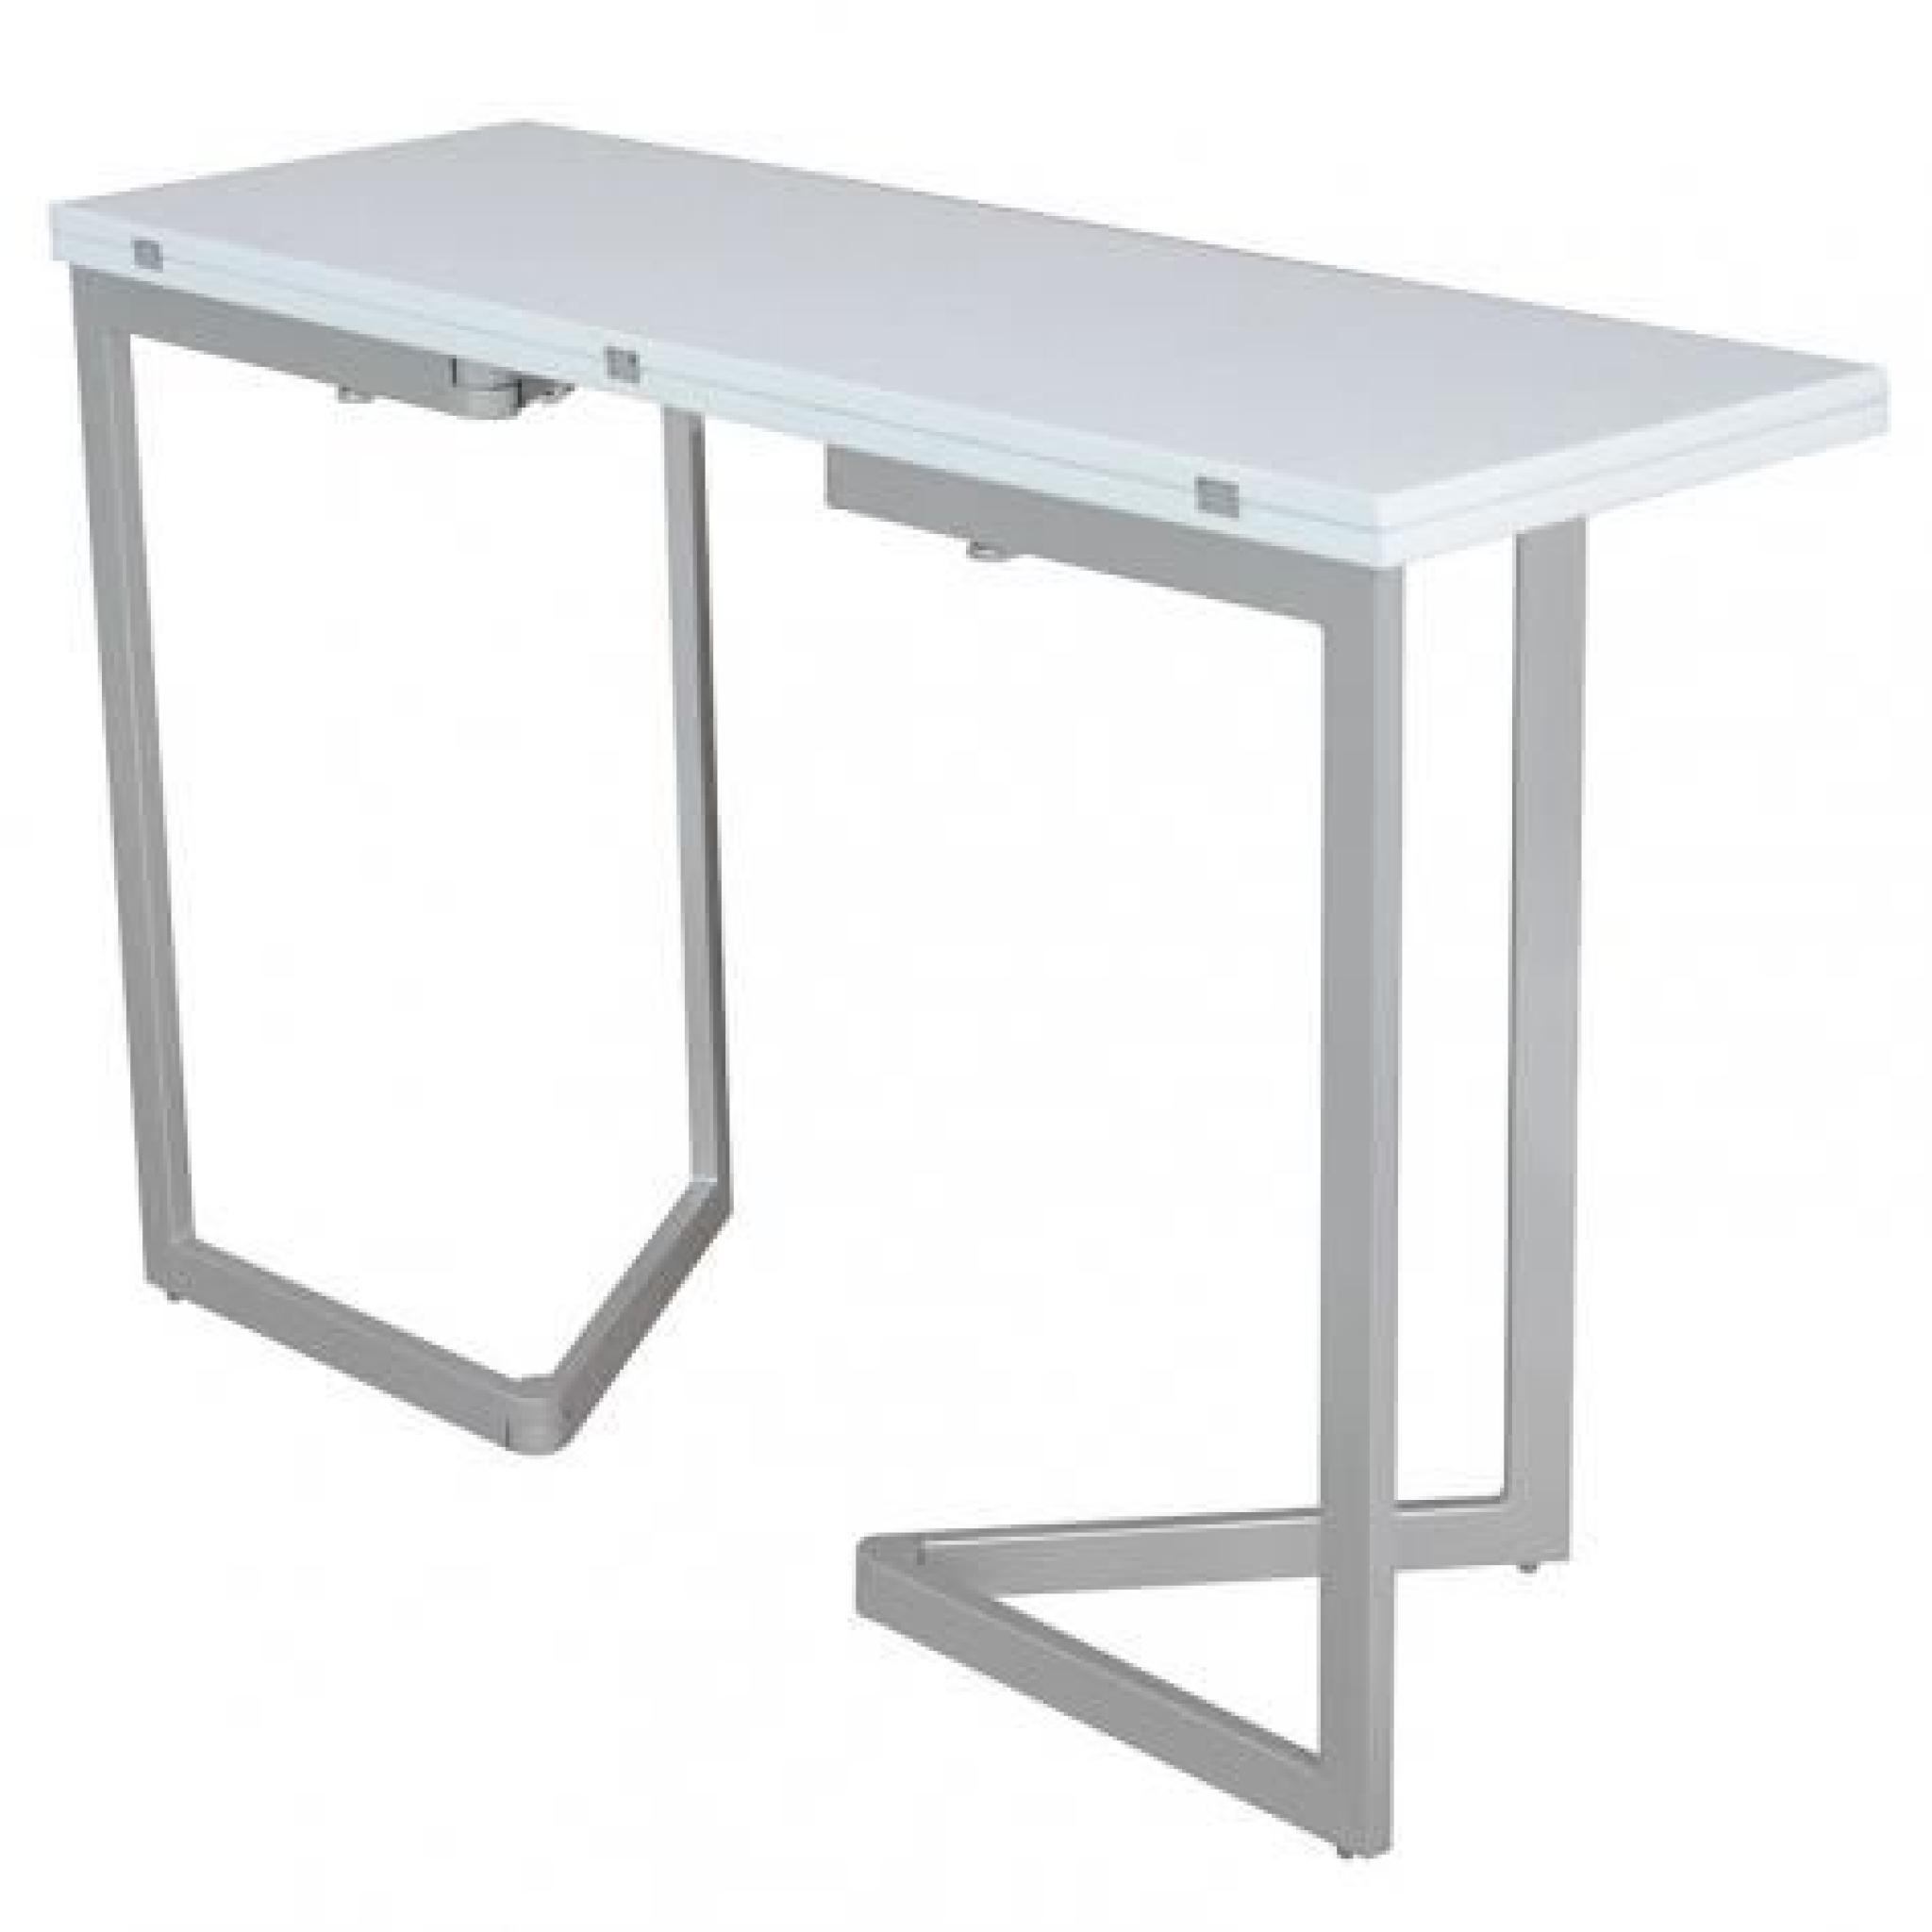 Comment Choisir Une Table Console Extensible